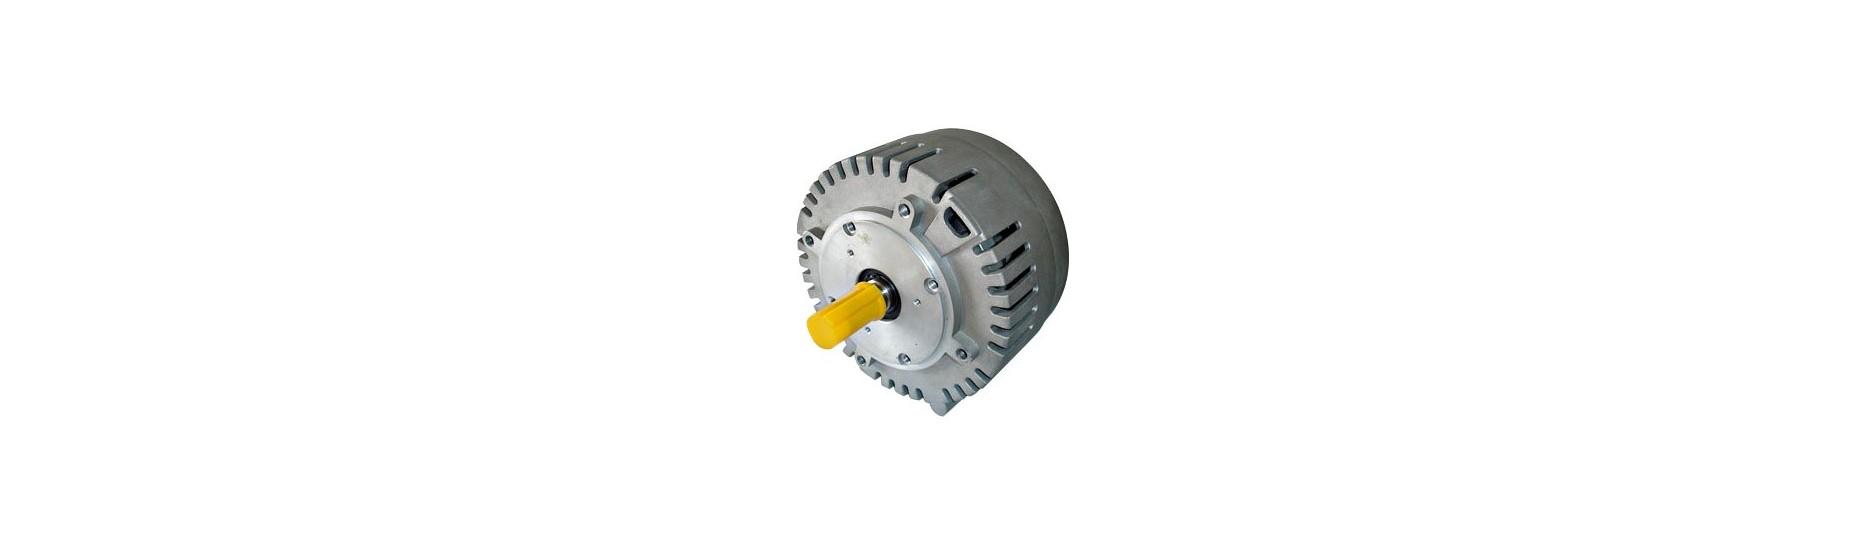 DC BLDC motor hub stejnosměrné